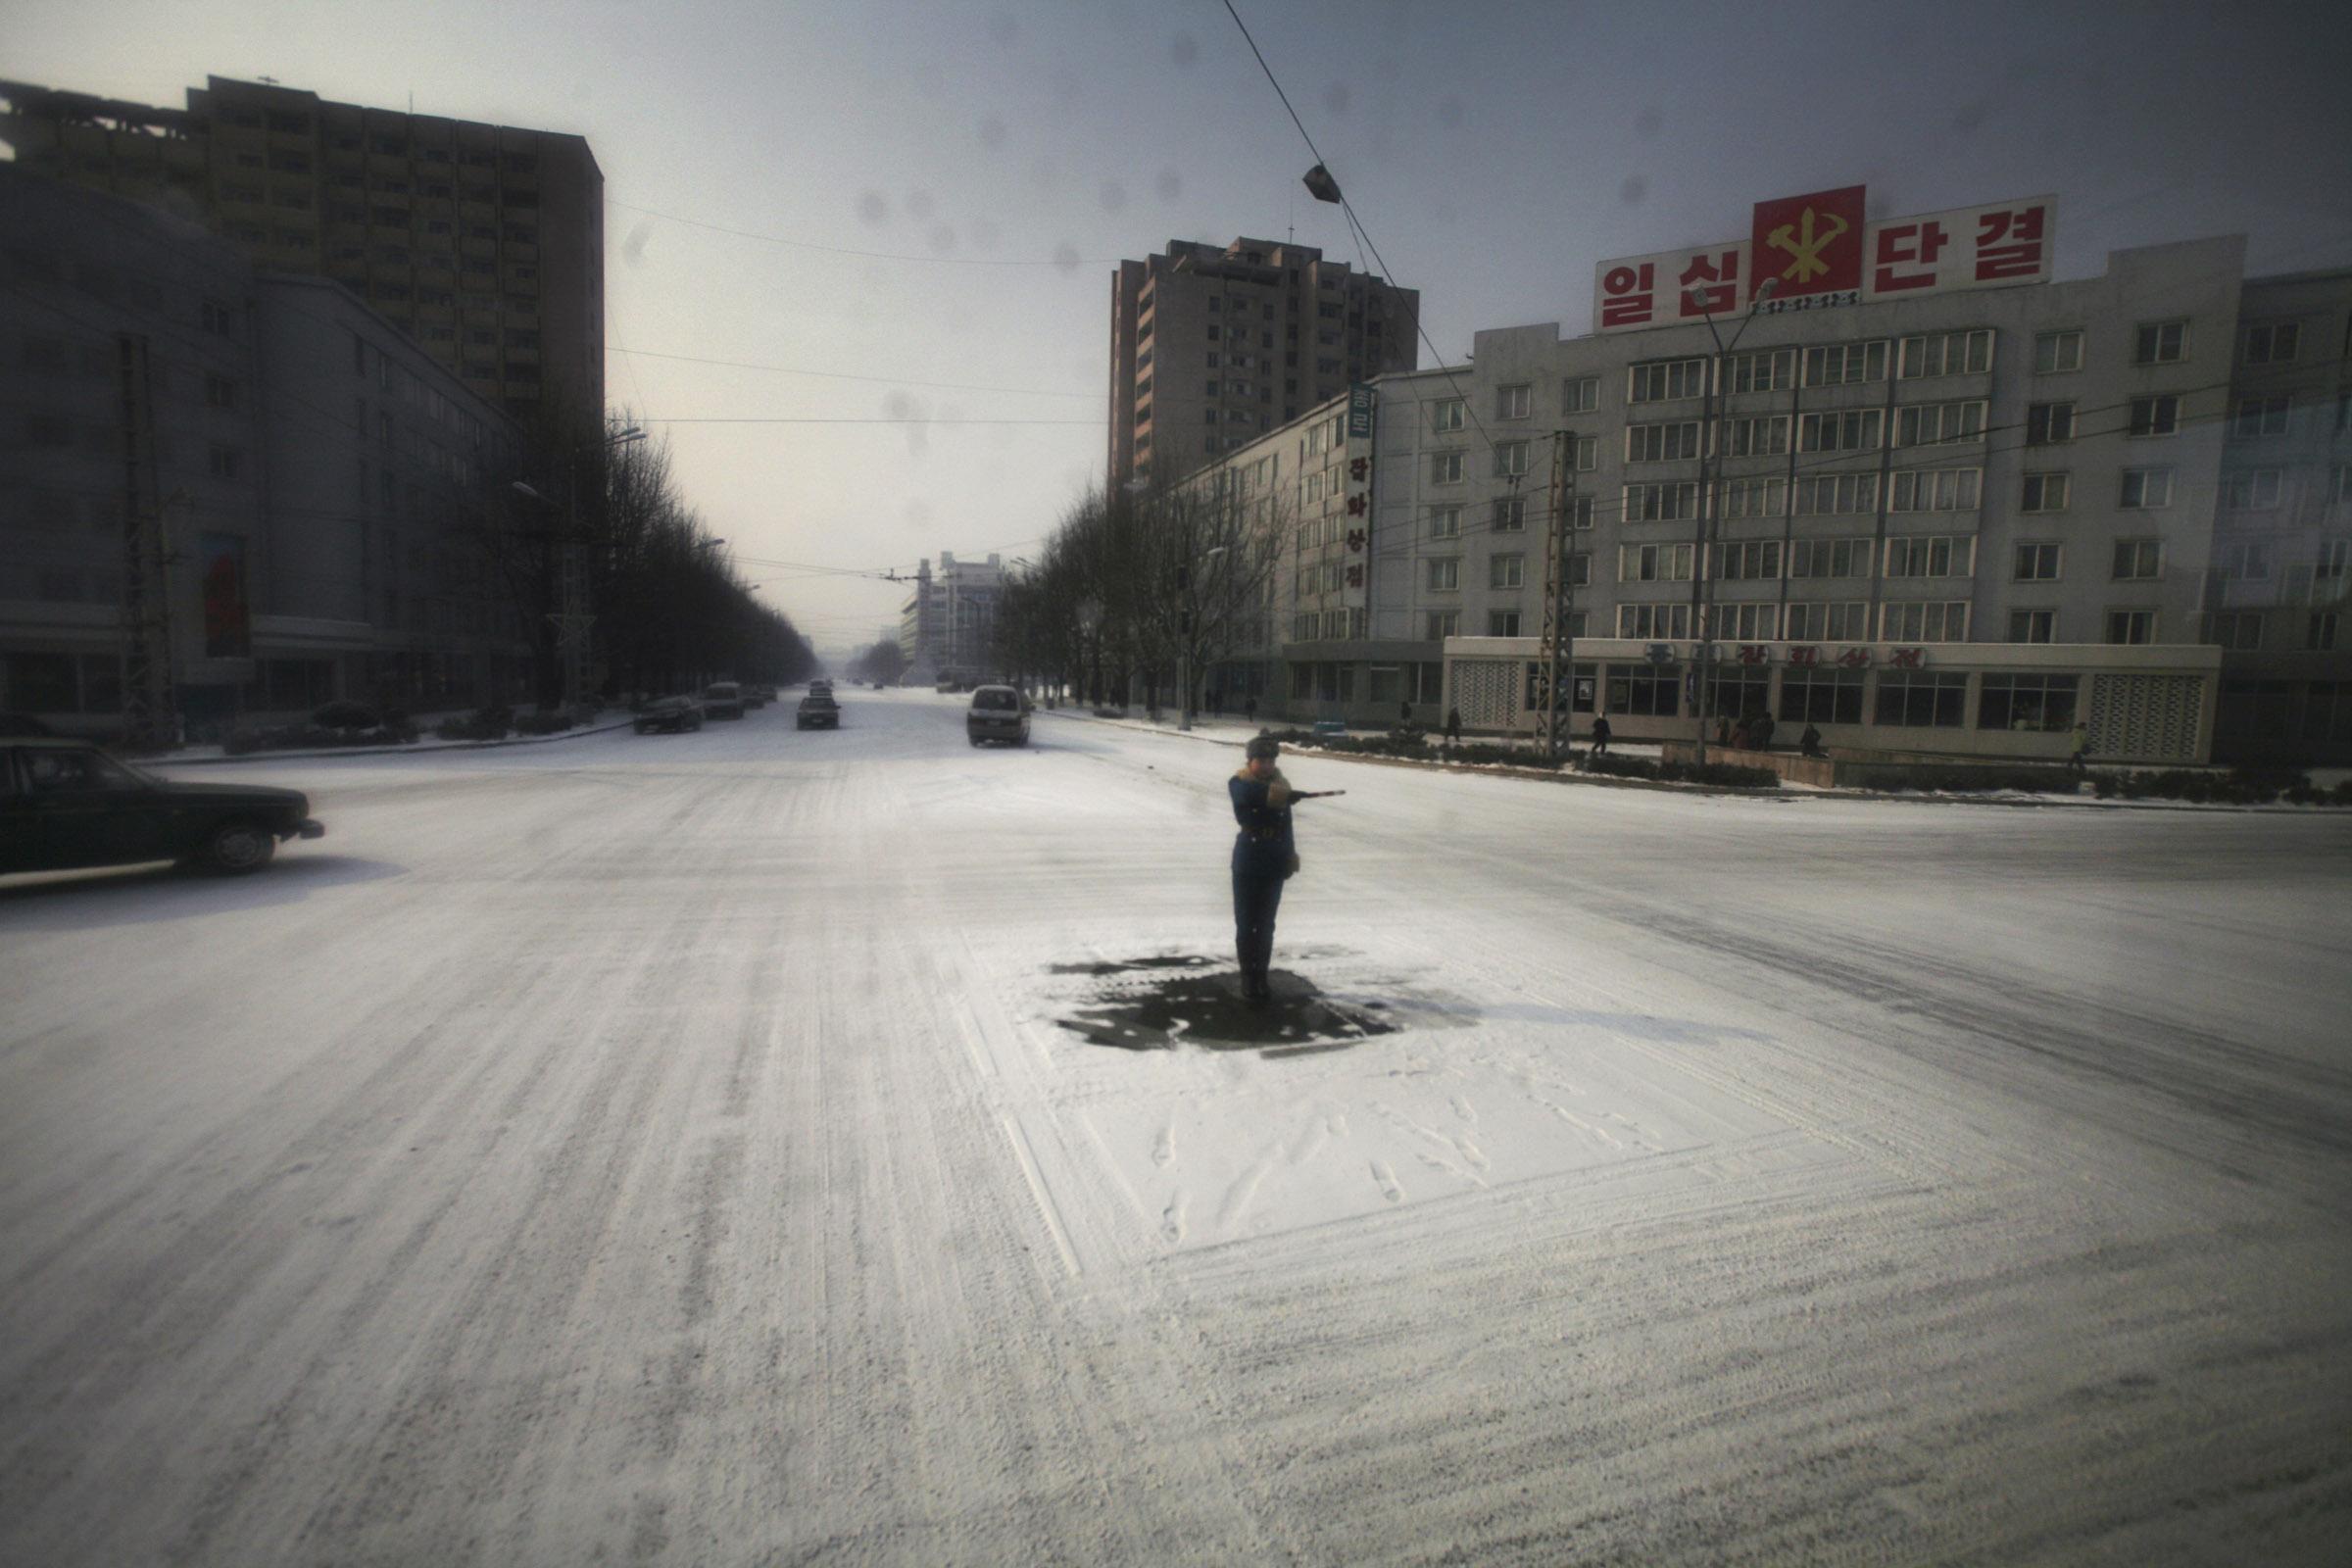 DPRK03.jpg